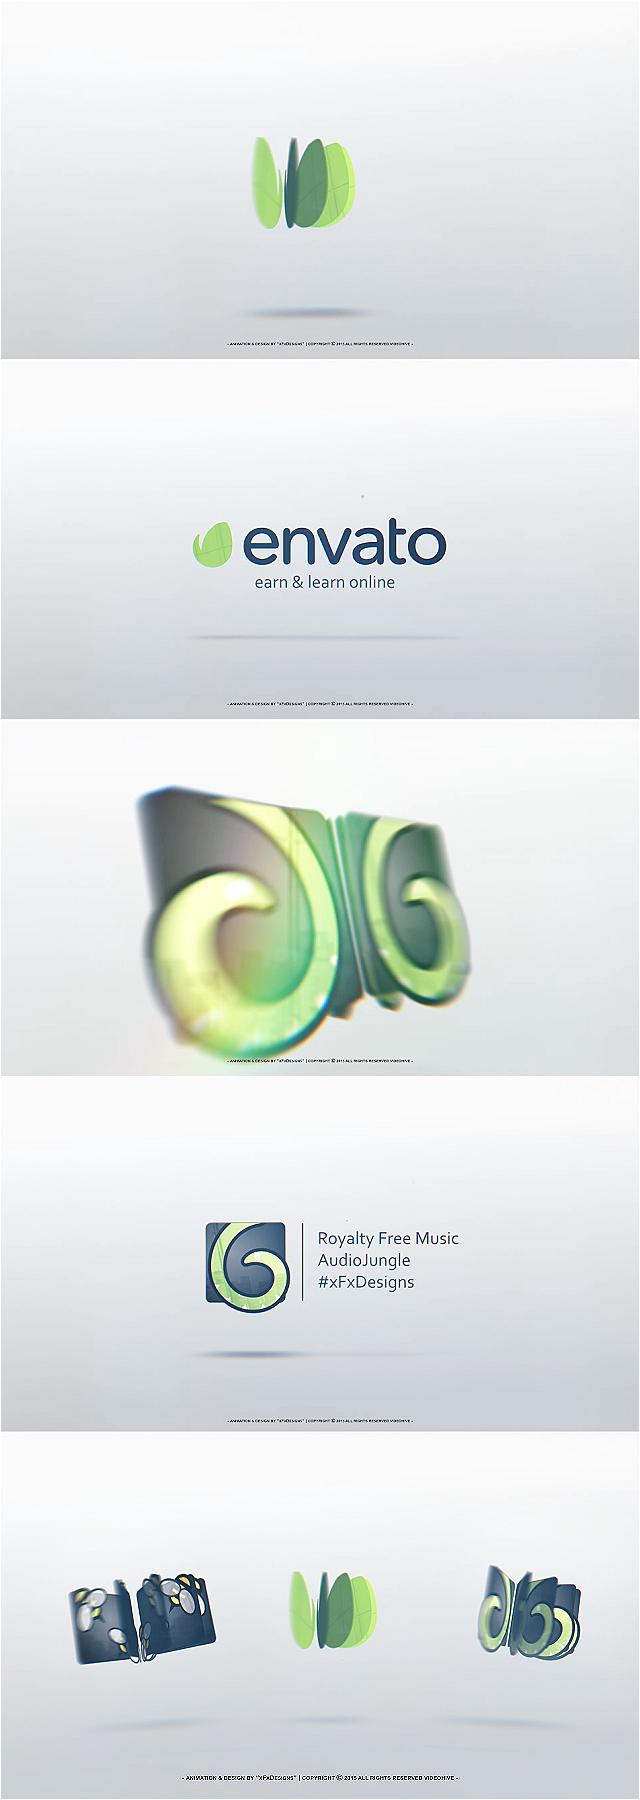 پروژه افتر افکت نمایش لوگو چرخشی